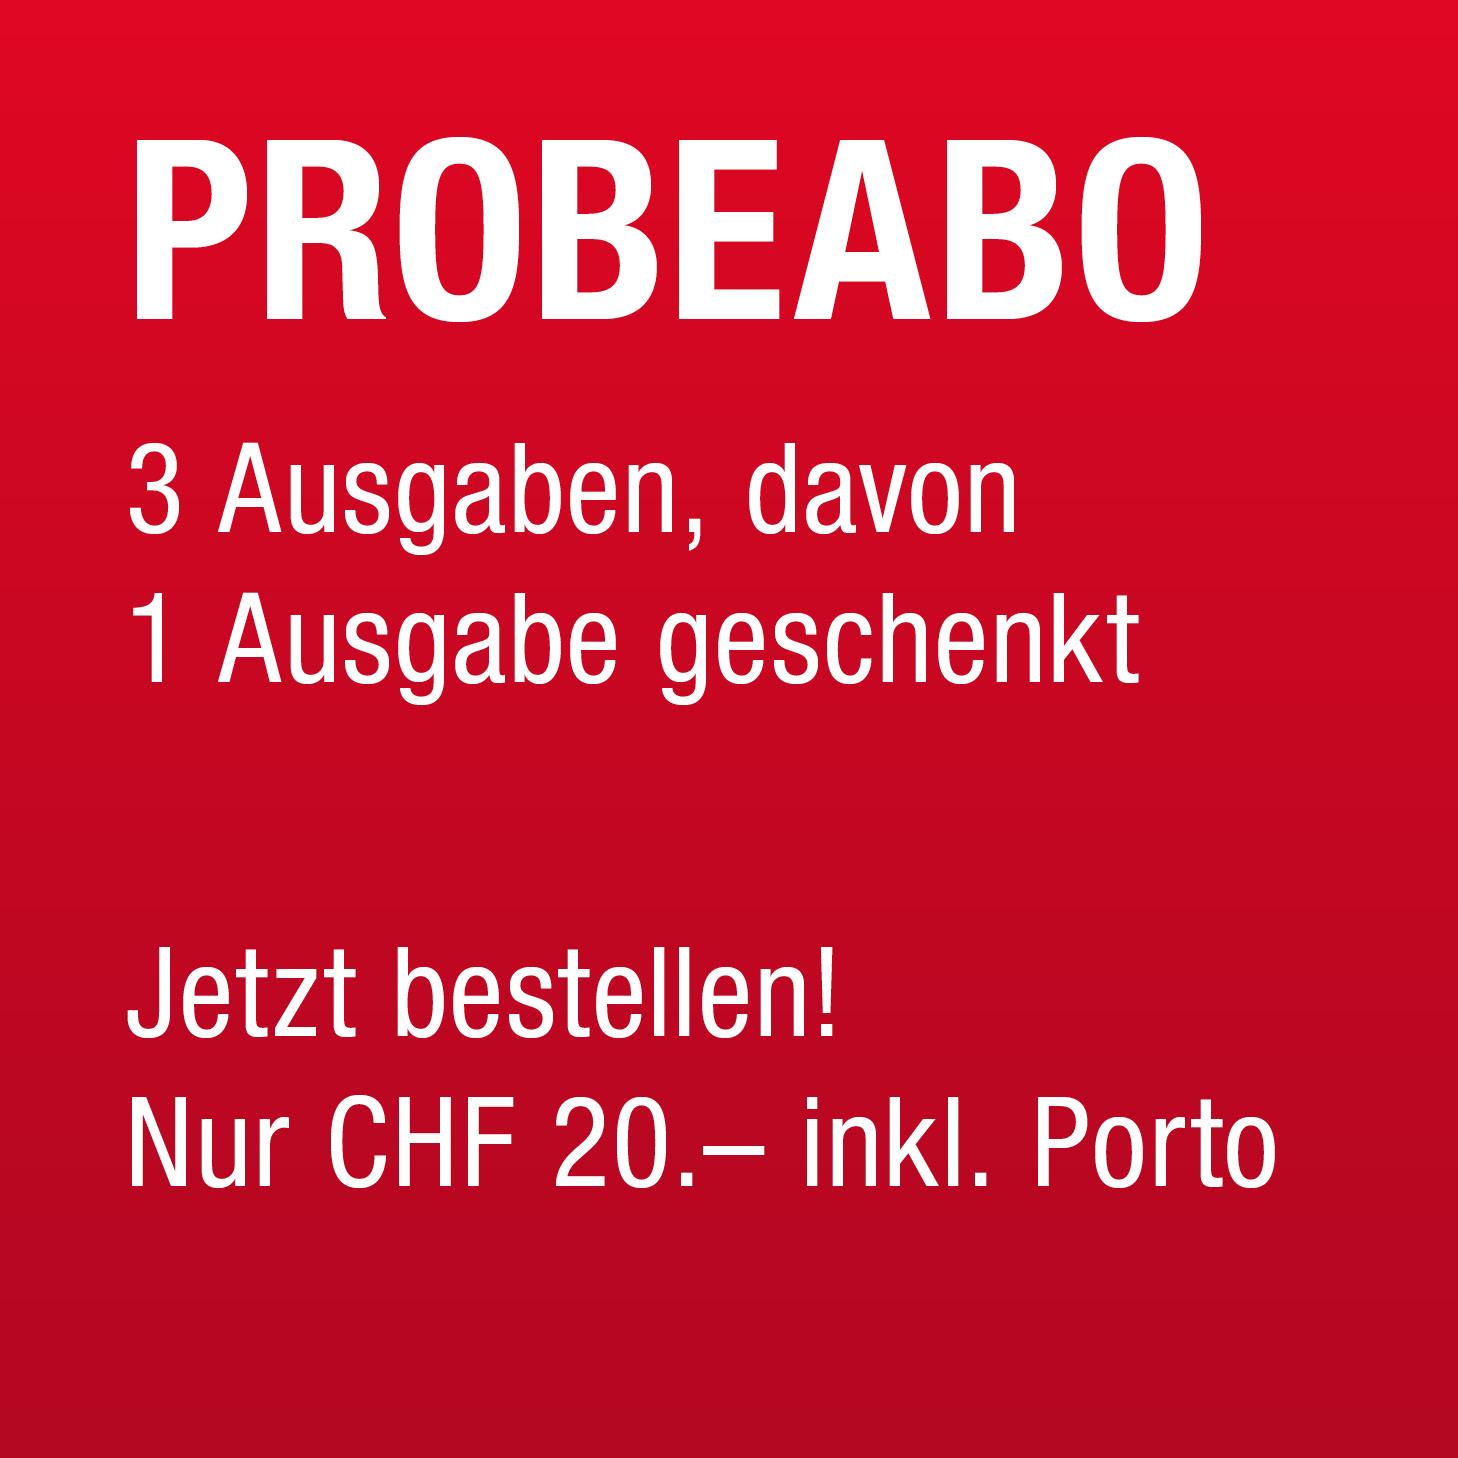 Probeabo jetzt bestellen: